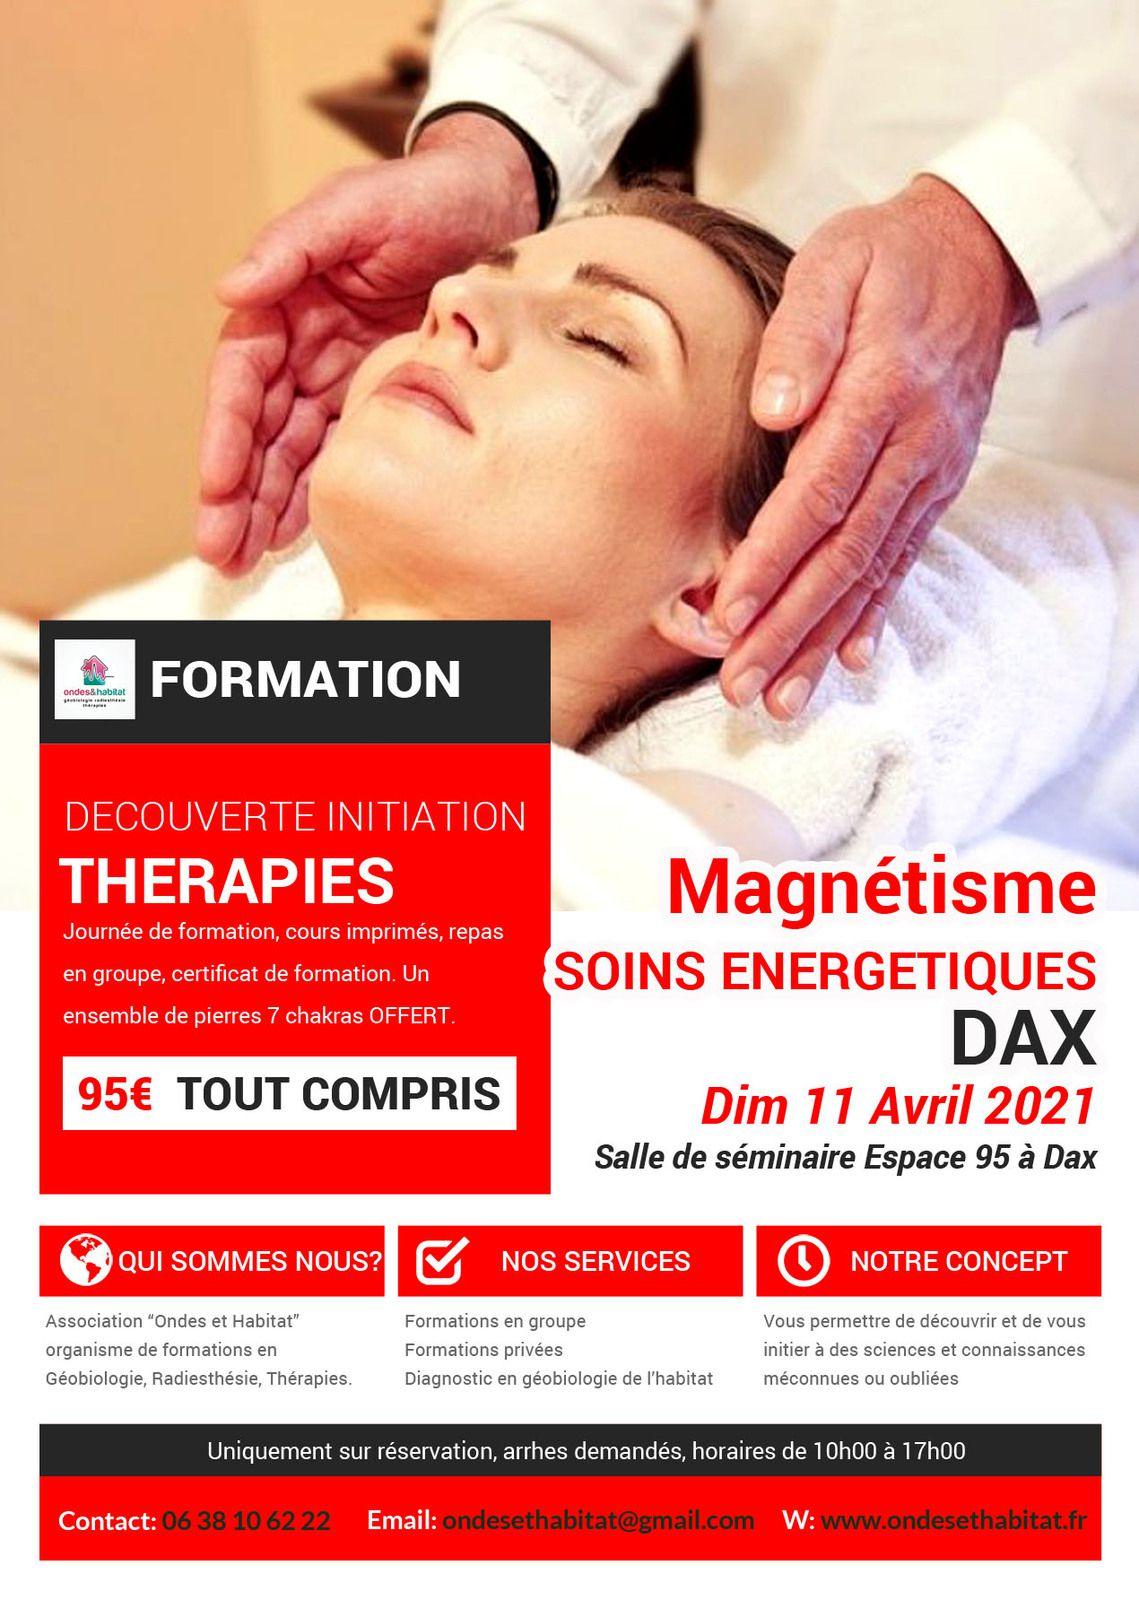 """DAX-Formation : """"Magnétisme et soins énergétiques"""" Découverte initiation Dim 11 avril 2021"""